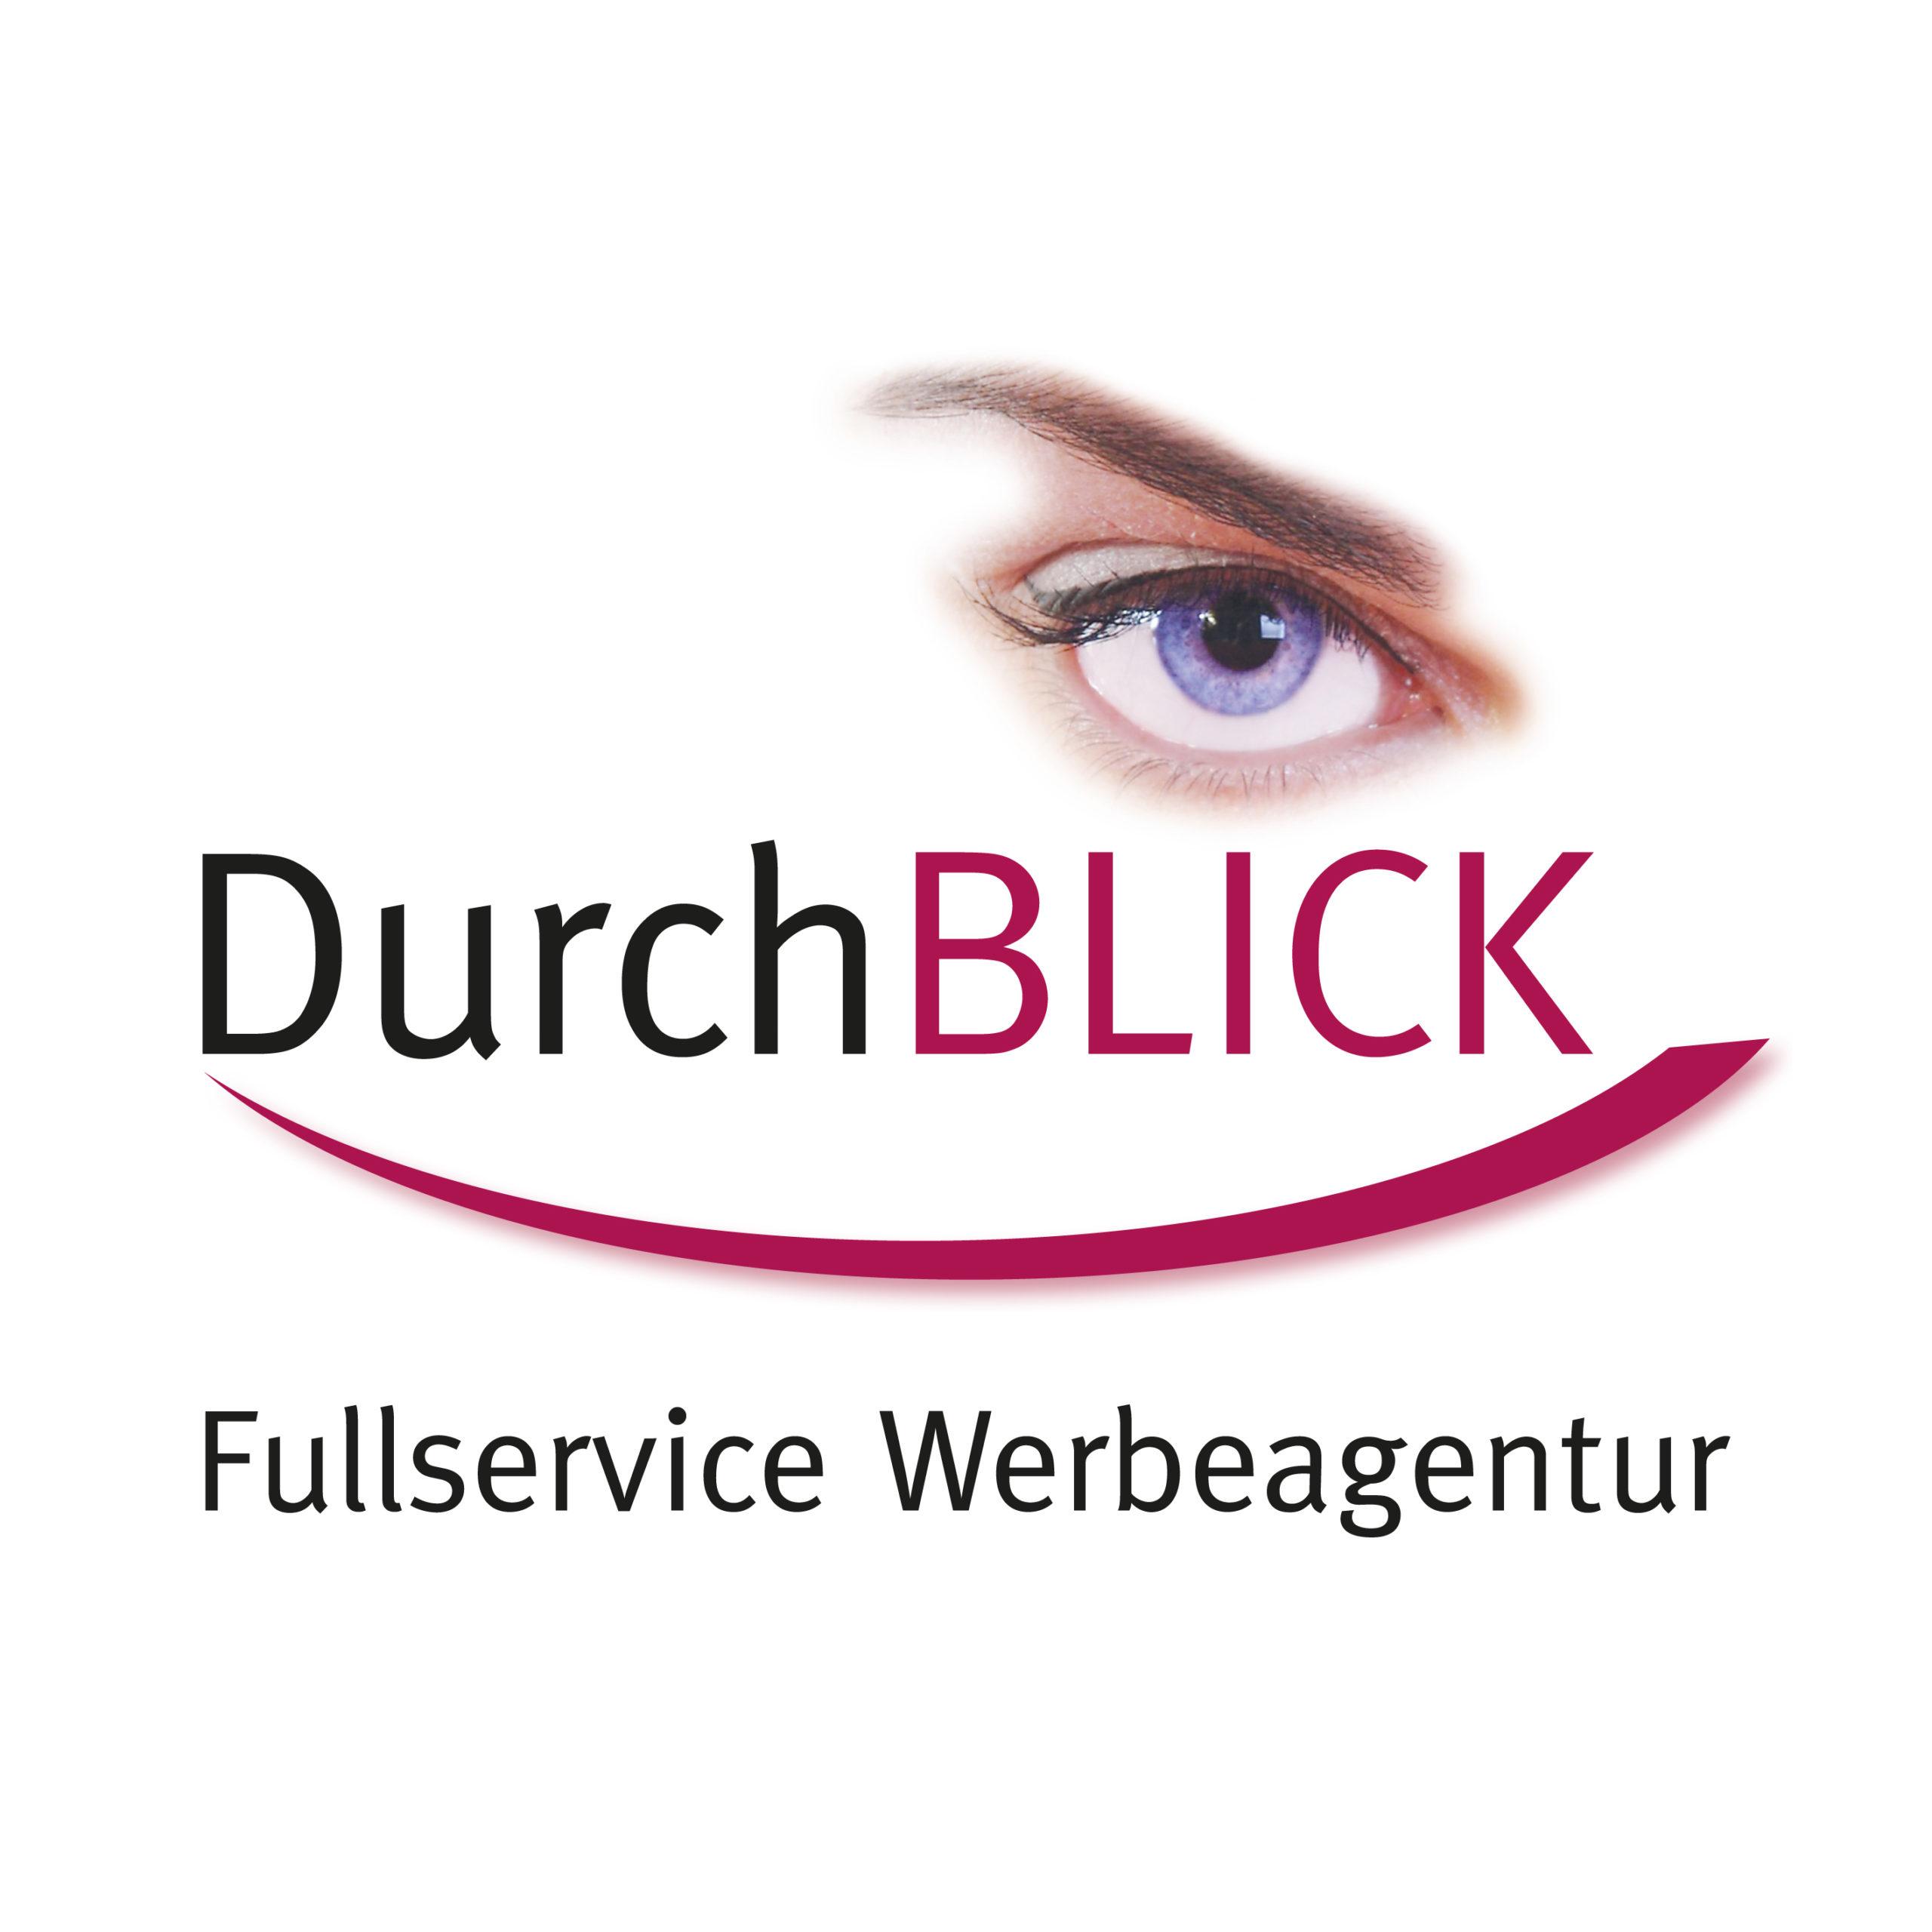 Logo der Fullservice Werbeagentur DurchBLICK